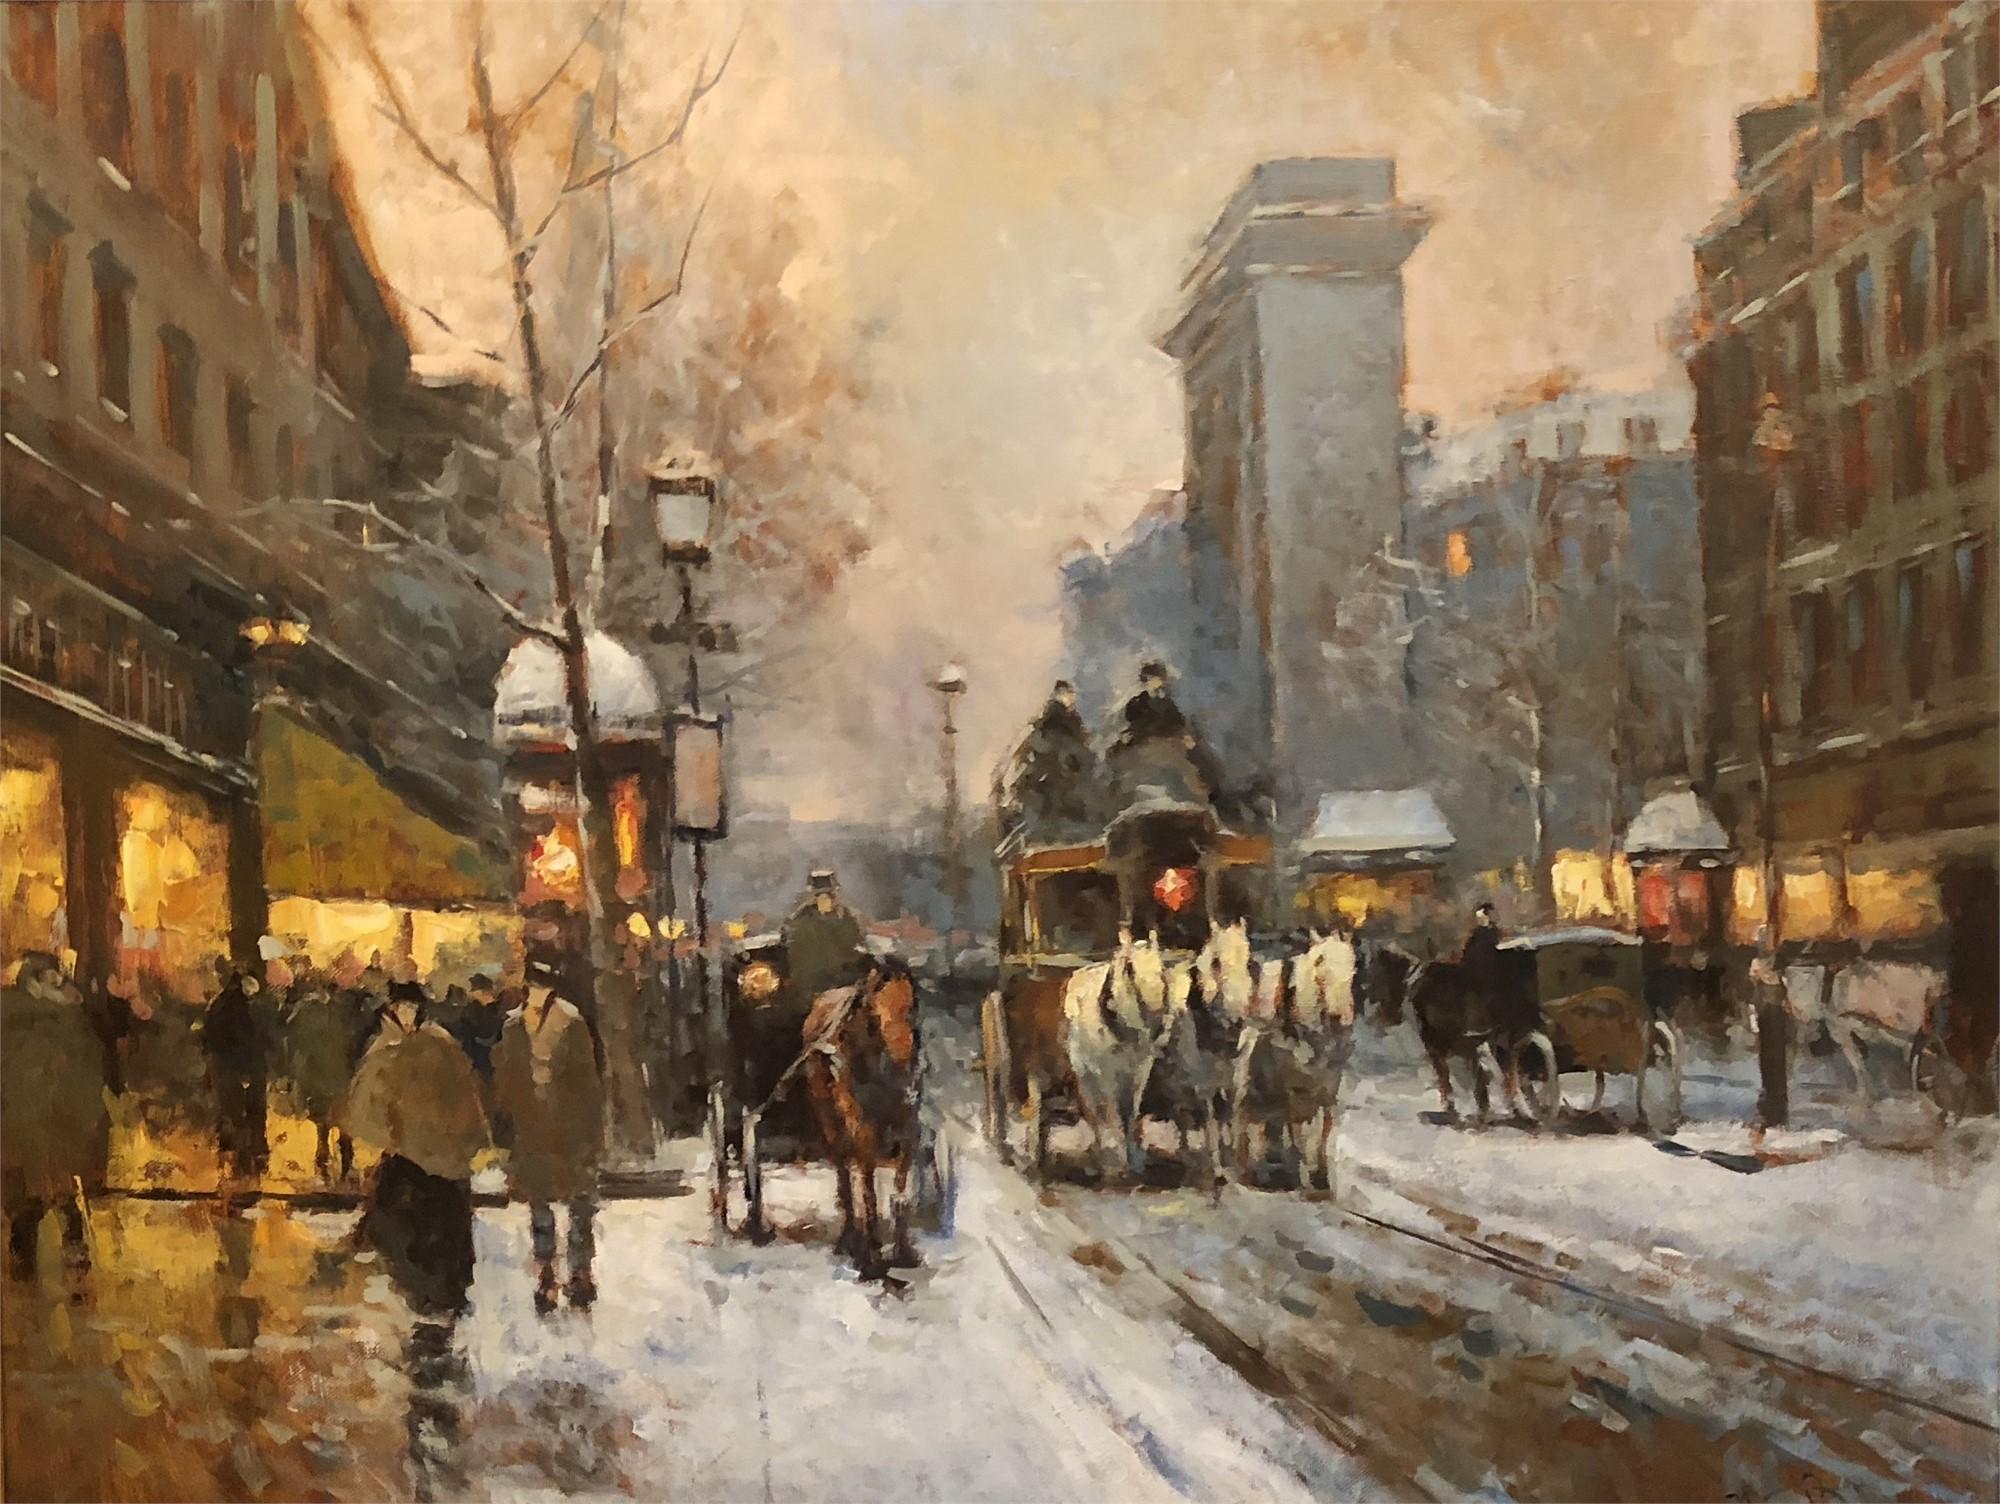 Paris in Snow by NASONOV